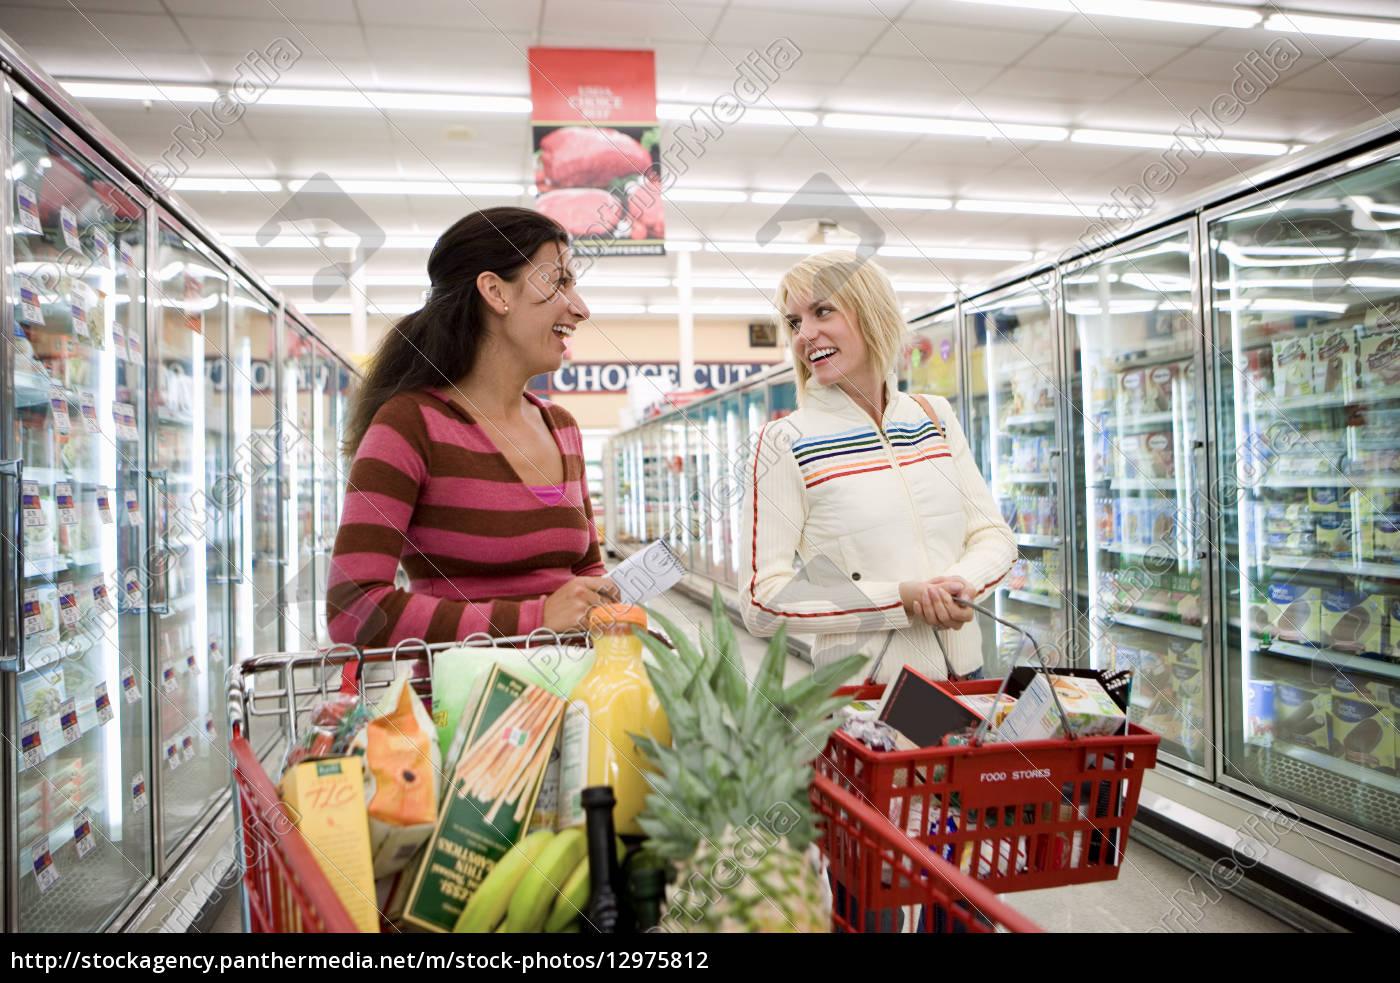 zwei frauen die im supermarkt kaufen stehen neben lizenzfreies foto 12975812 bildagentur. Black Bedroom Furniture Sets. Home Design Ideas